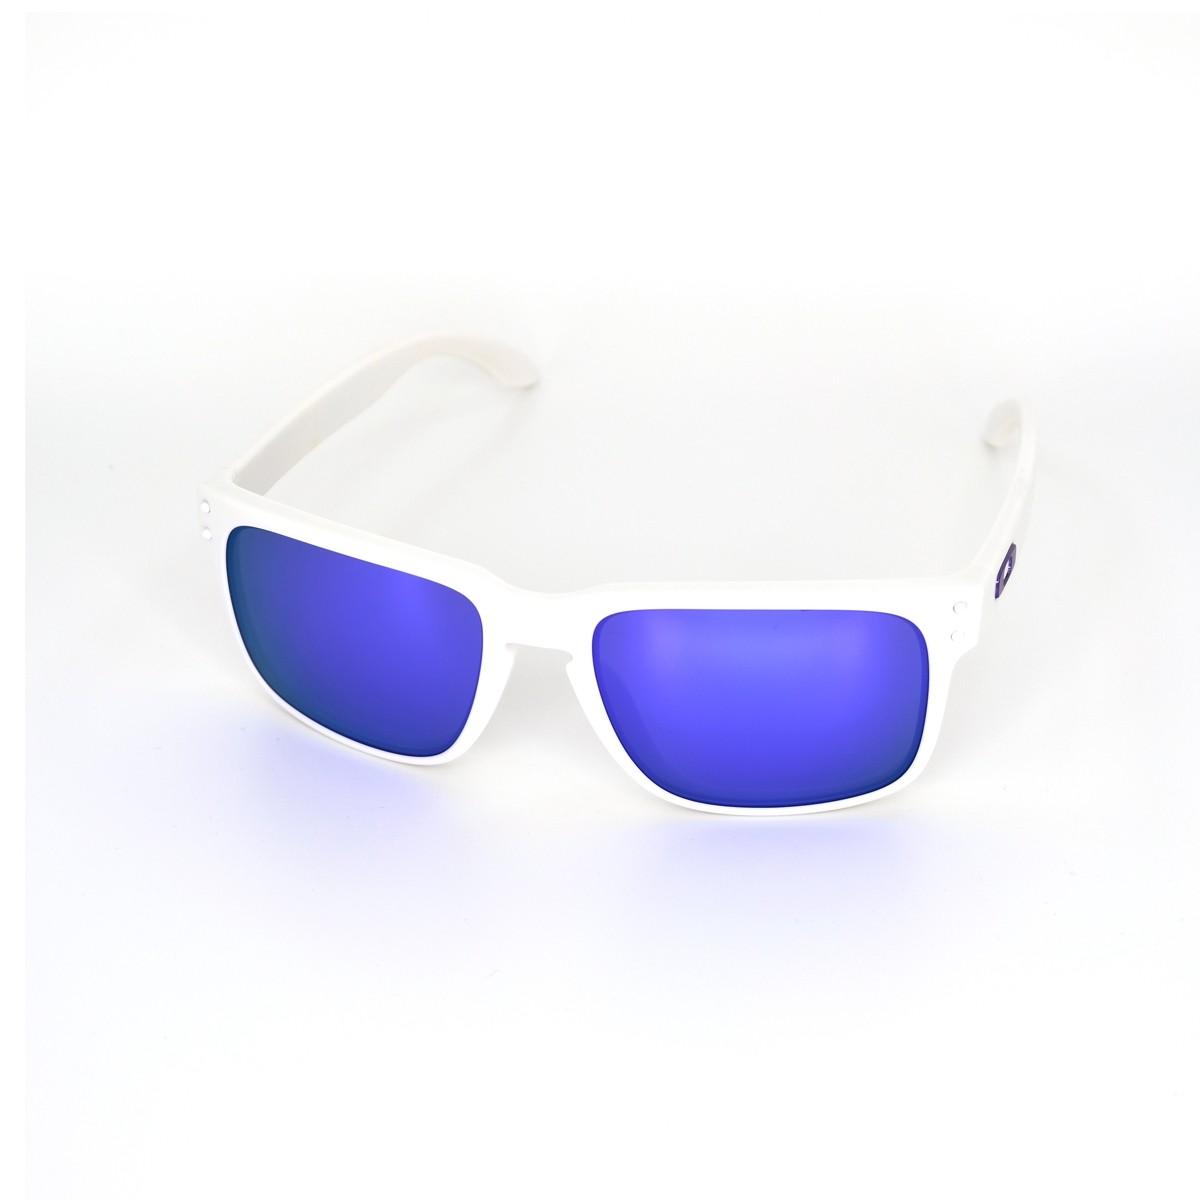 Oakley Holbrook 9102-05, 92,00€, Occhiali Oakley Bianco a forma Rettangolare